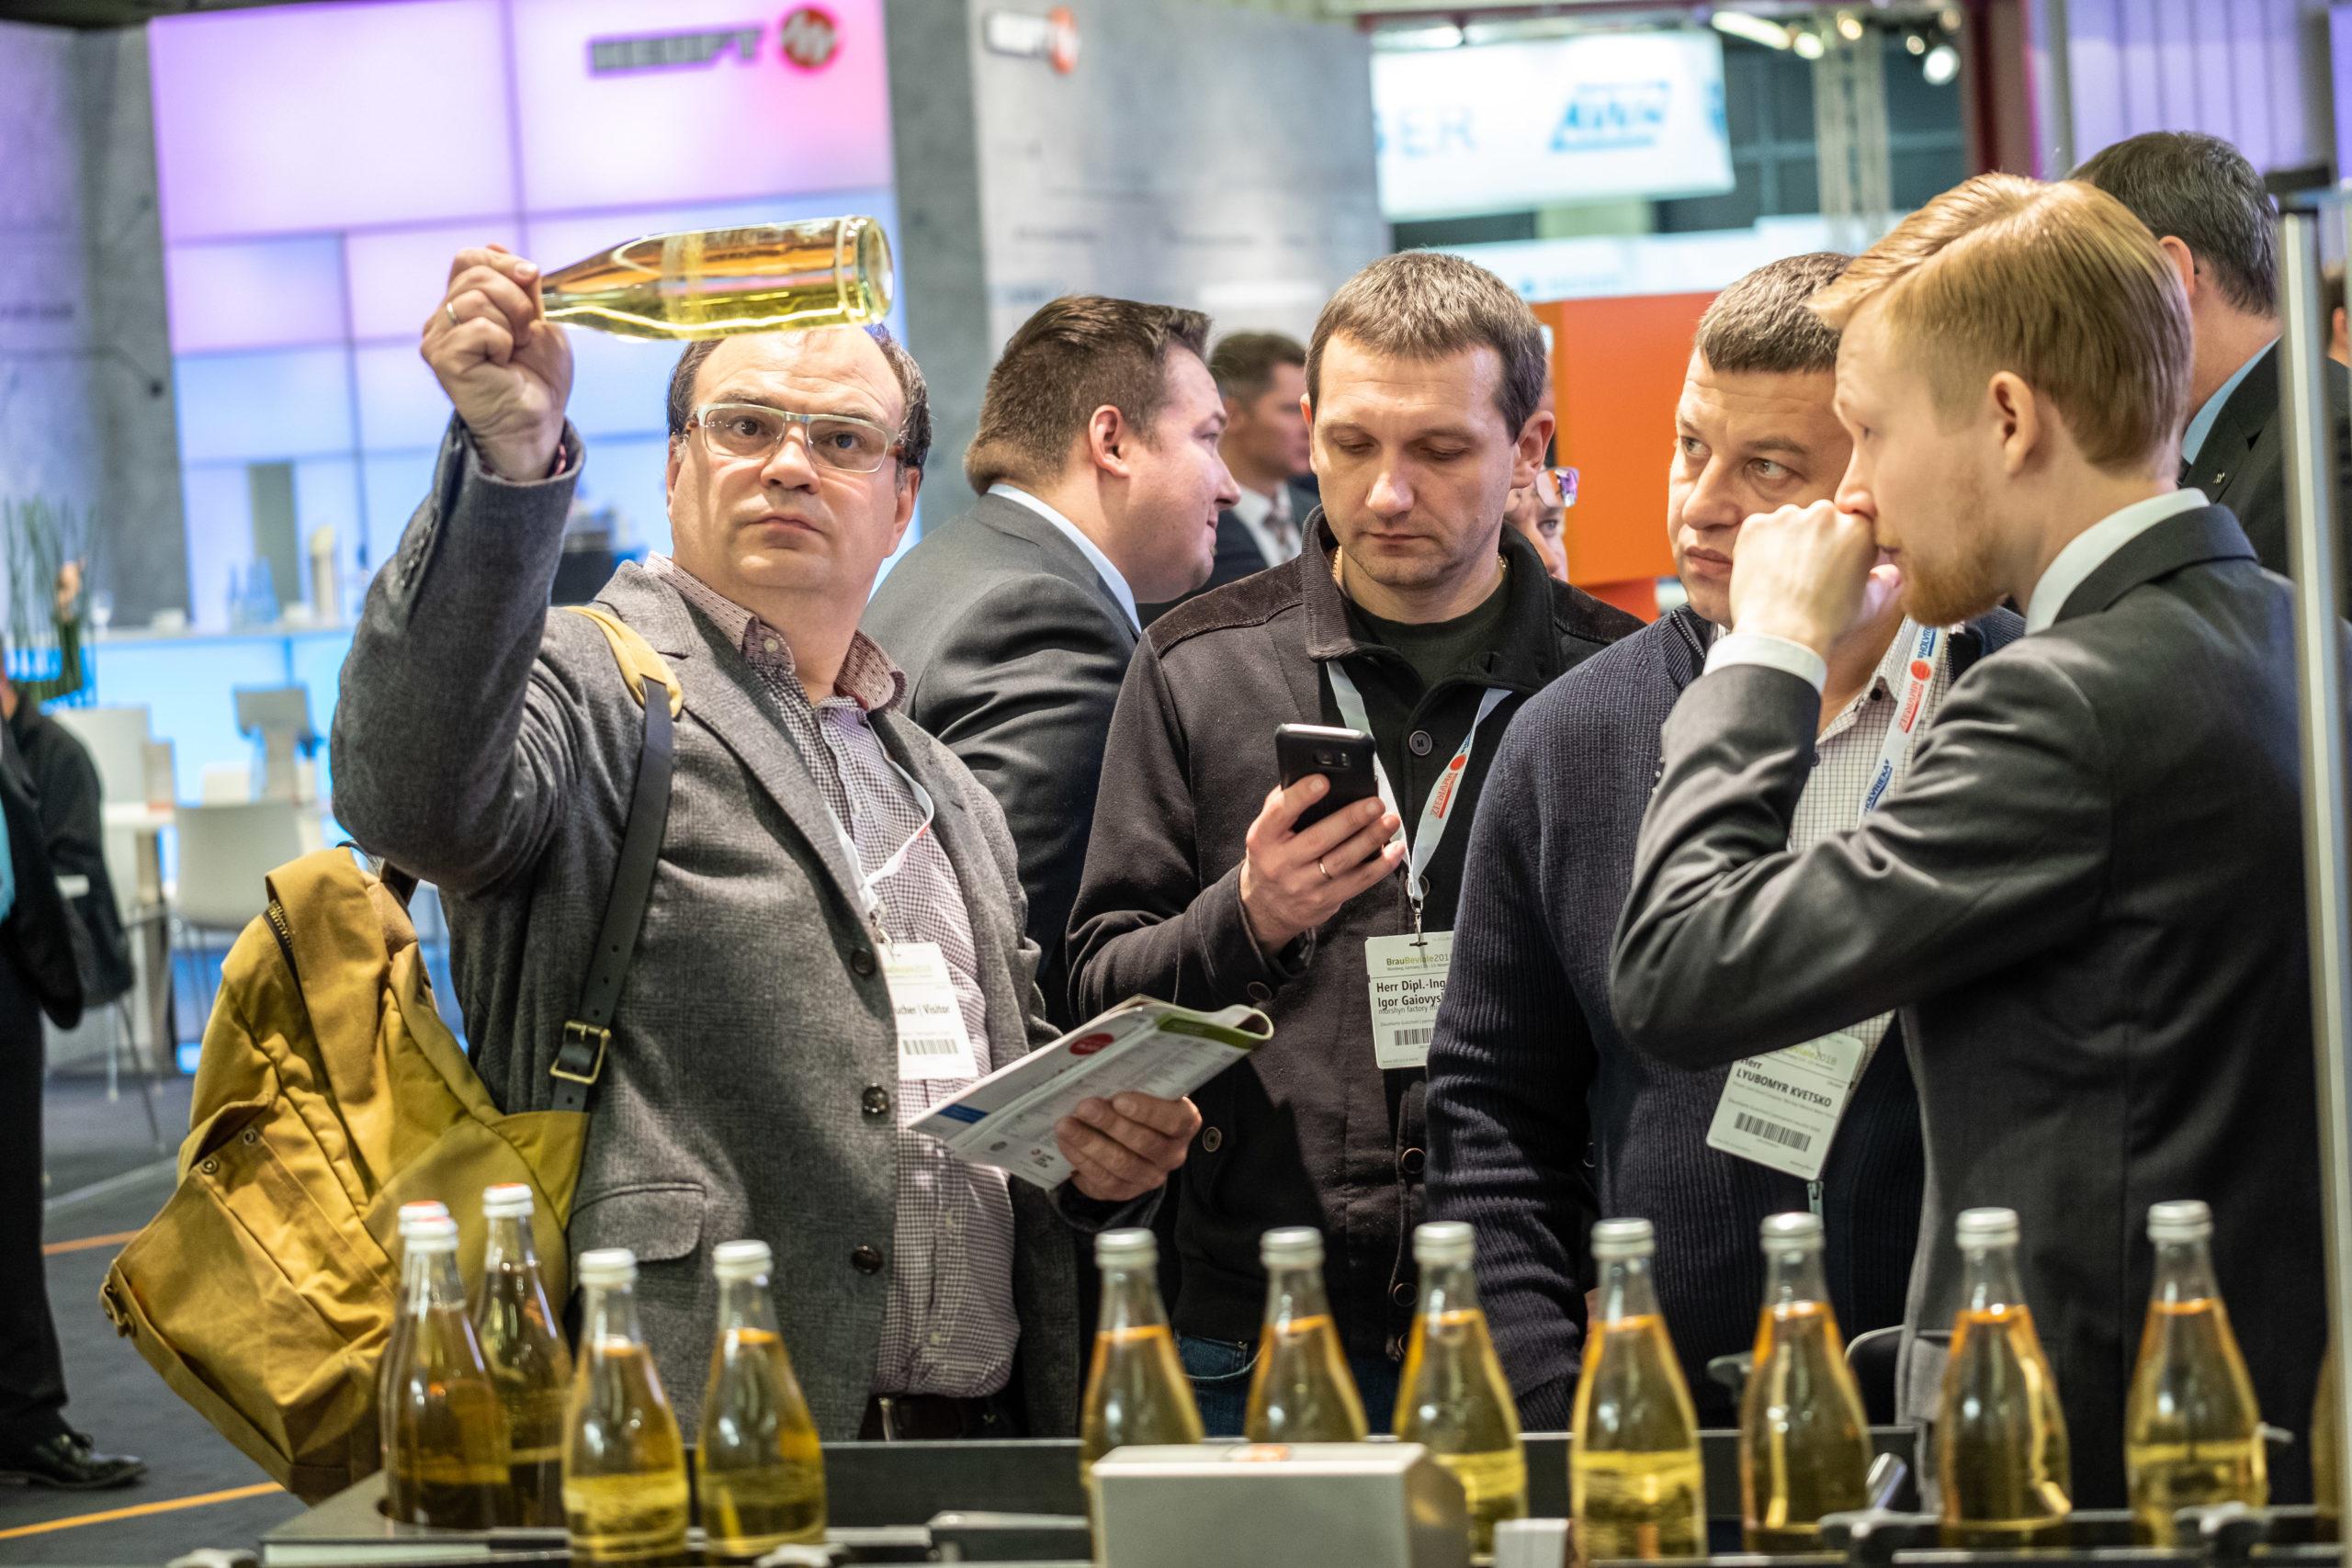 BrauBeviale 2019: Die Zukunftsfähigkeit der Getränkebranche im Blick